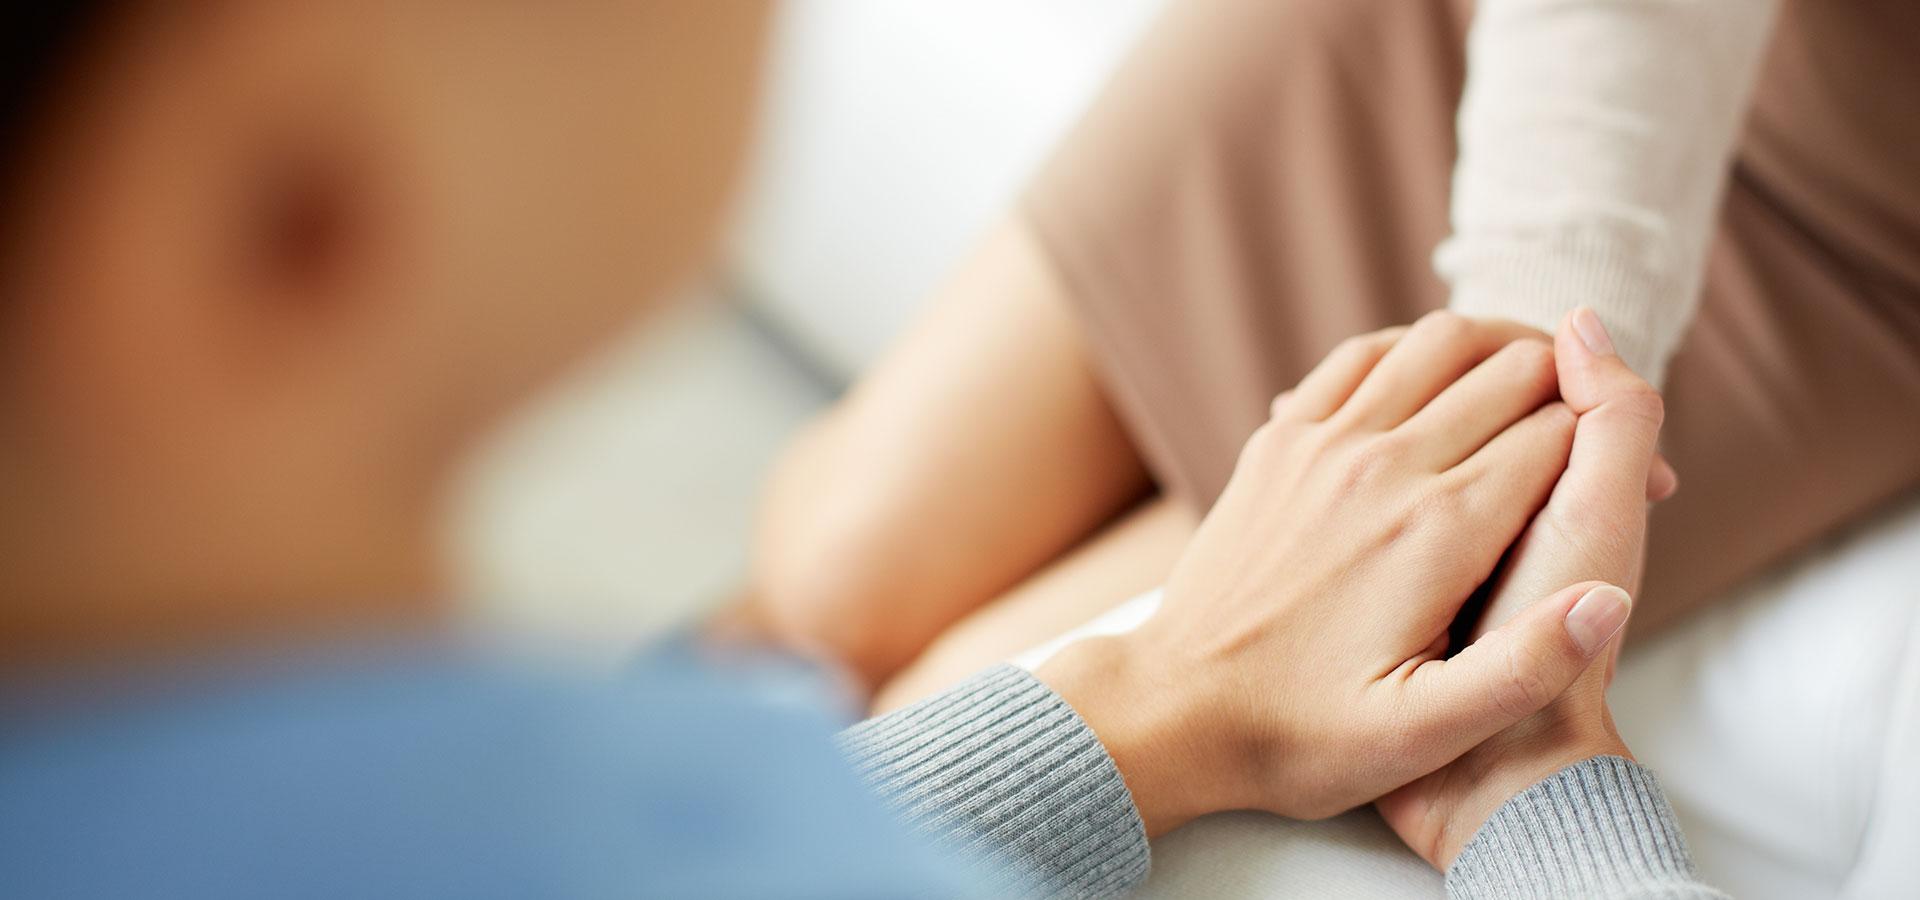 مشاوران مرکز مشاوره | فهرست بهترین درمانگران مرکز